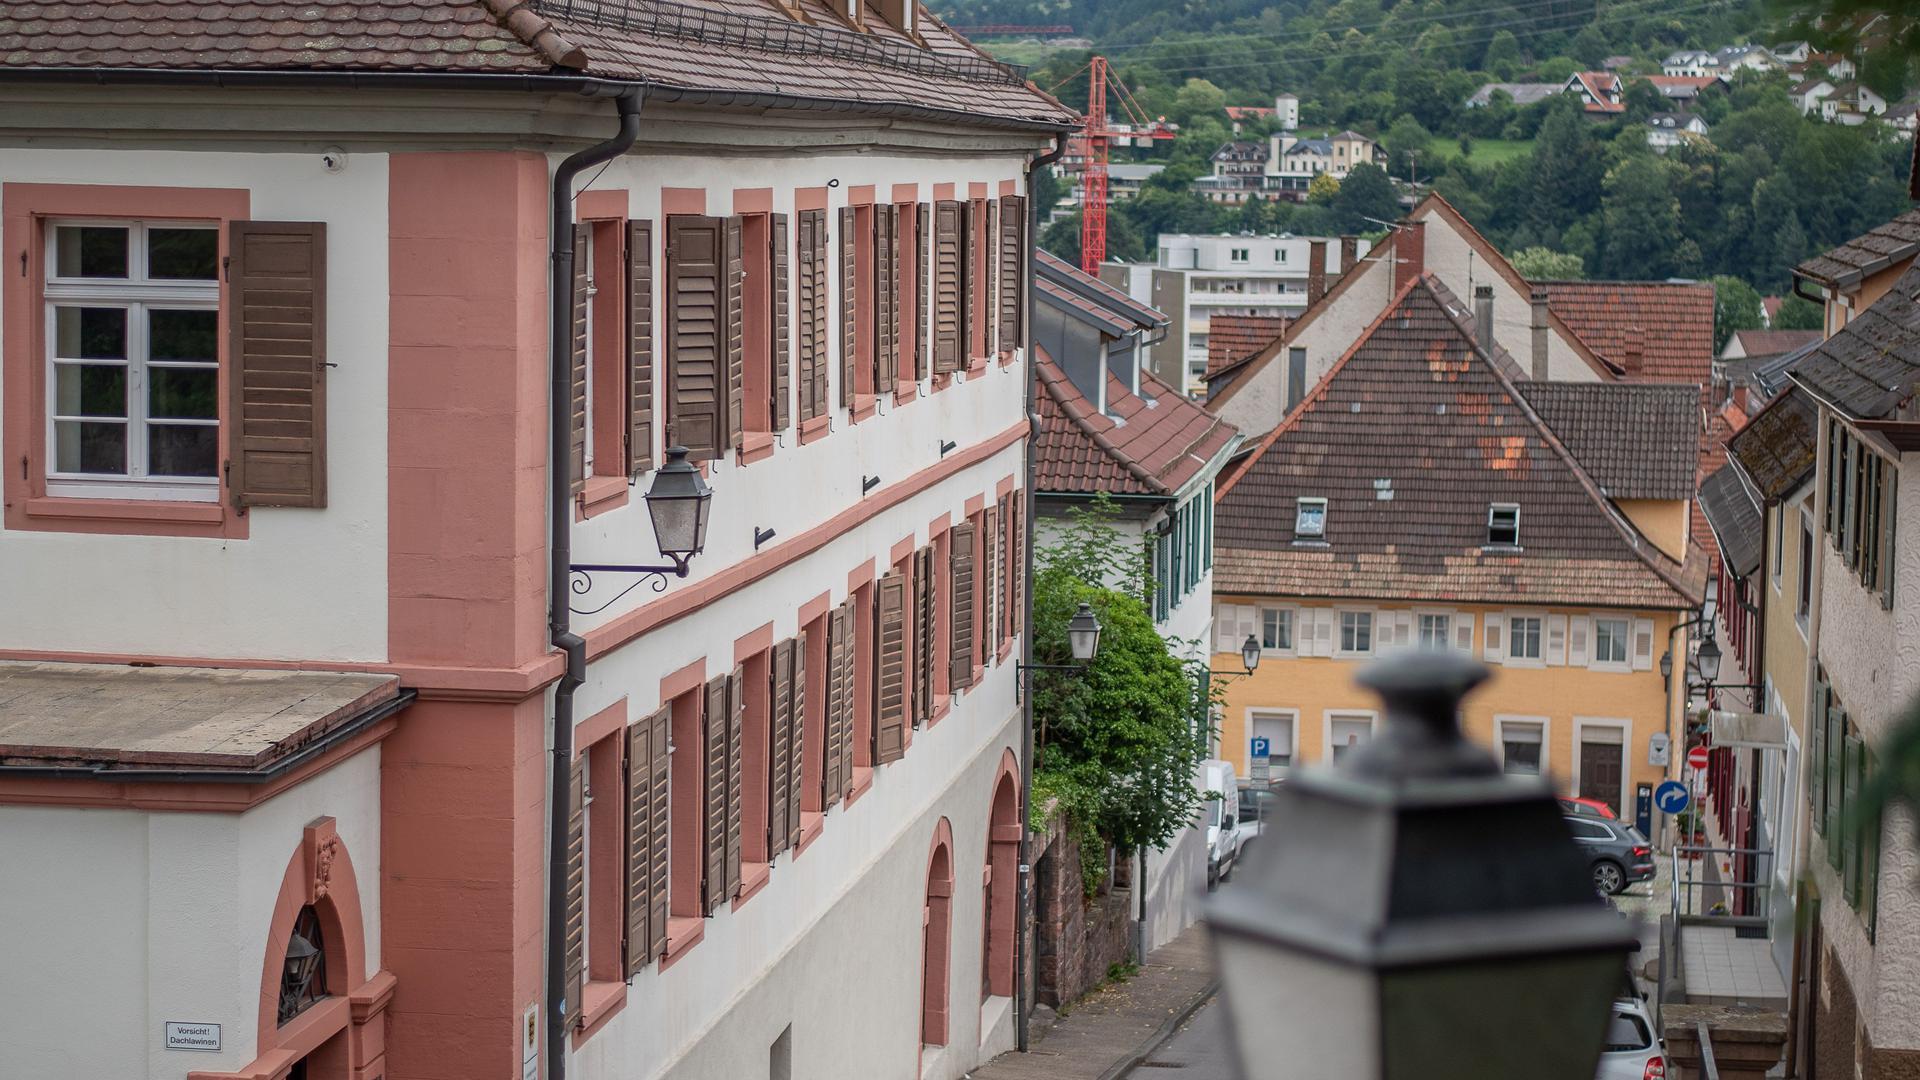 Blick von oben auf Häuserzeile